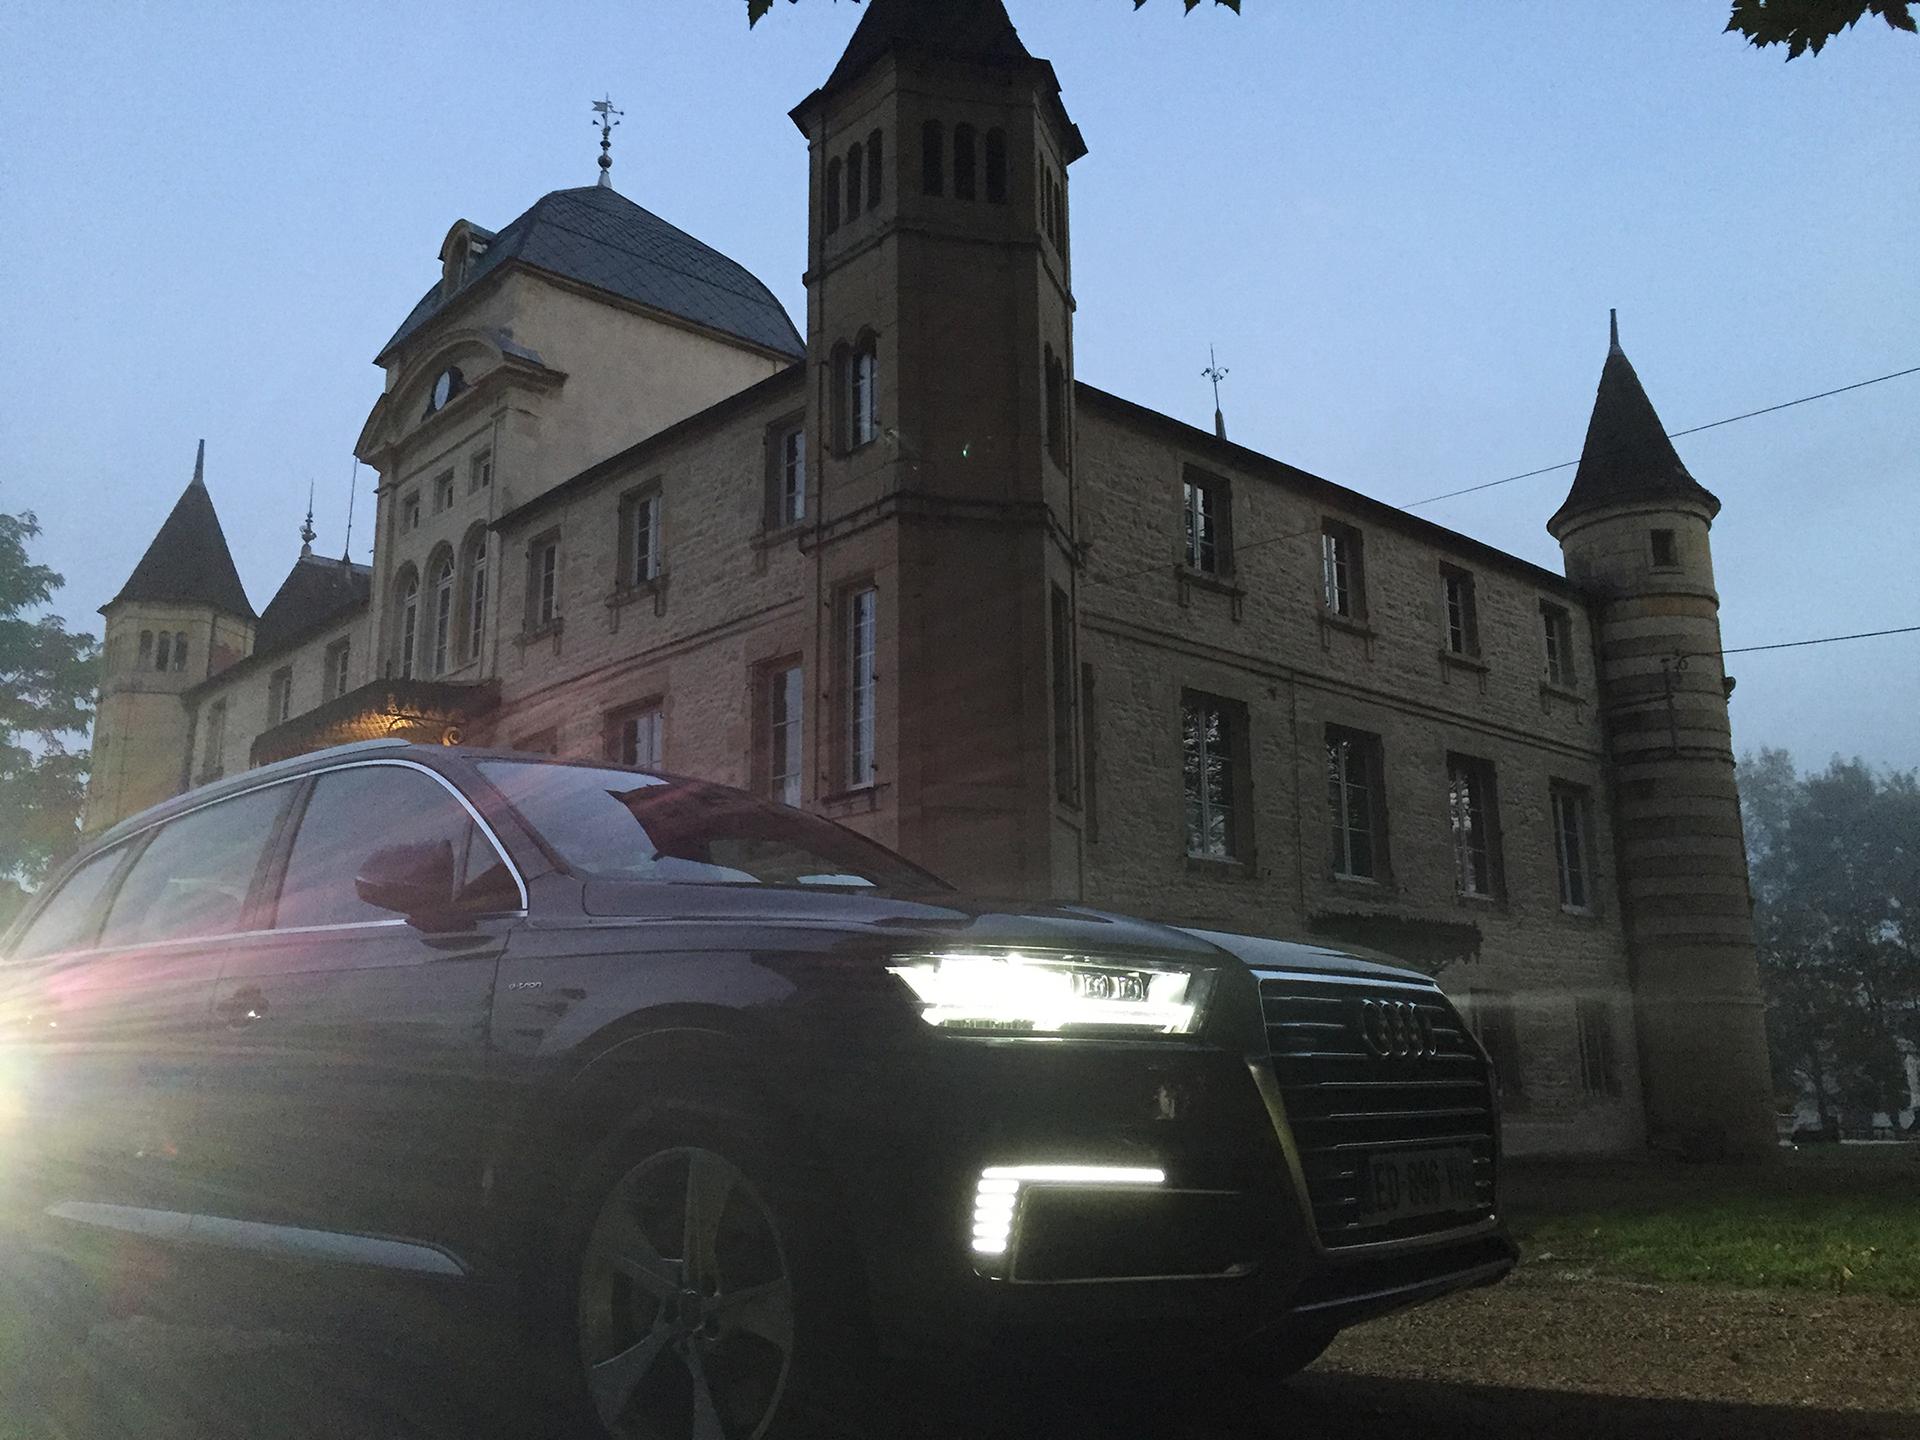 Audi Q7 - extérieur / outside - photo Arnaud Demasier